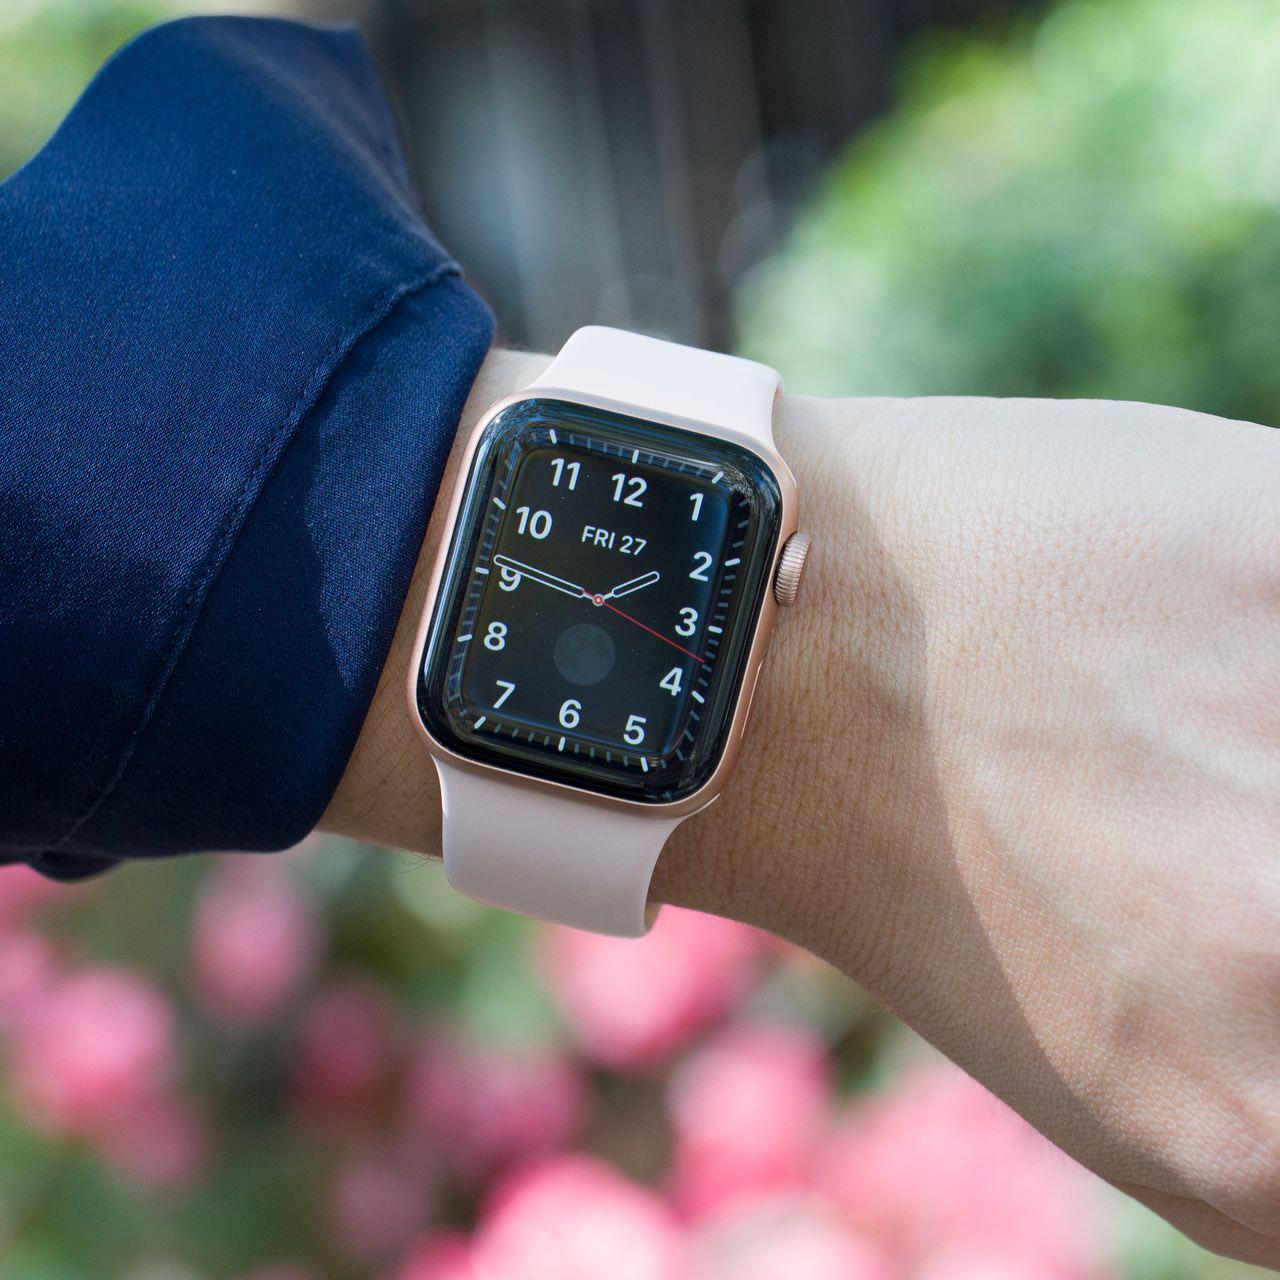 ساعت هوشمند اپل واچ سری 5 مدل 44m Space  Aluminum Case  Sport Band main 1 34